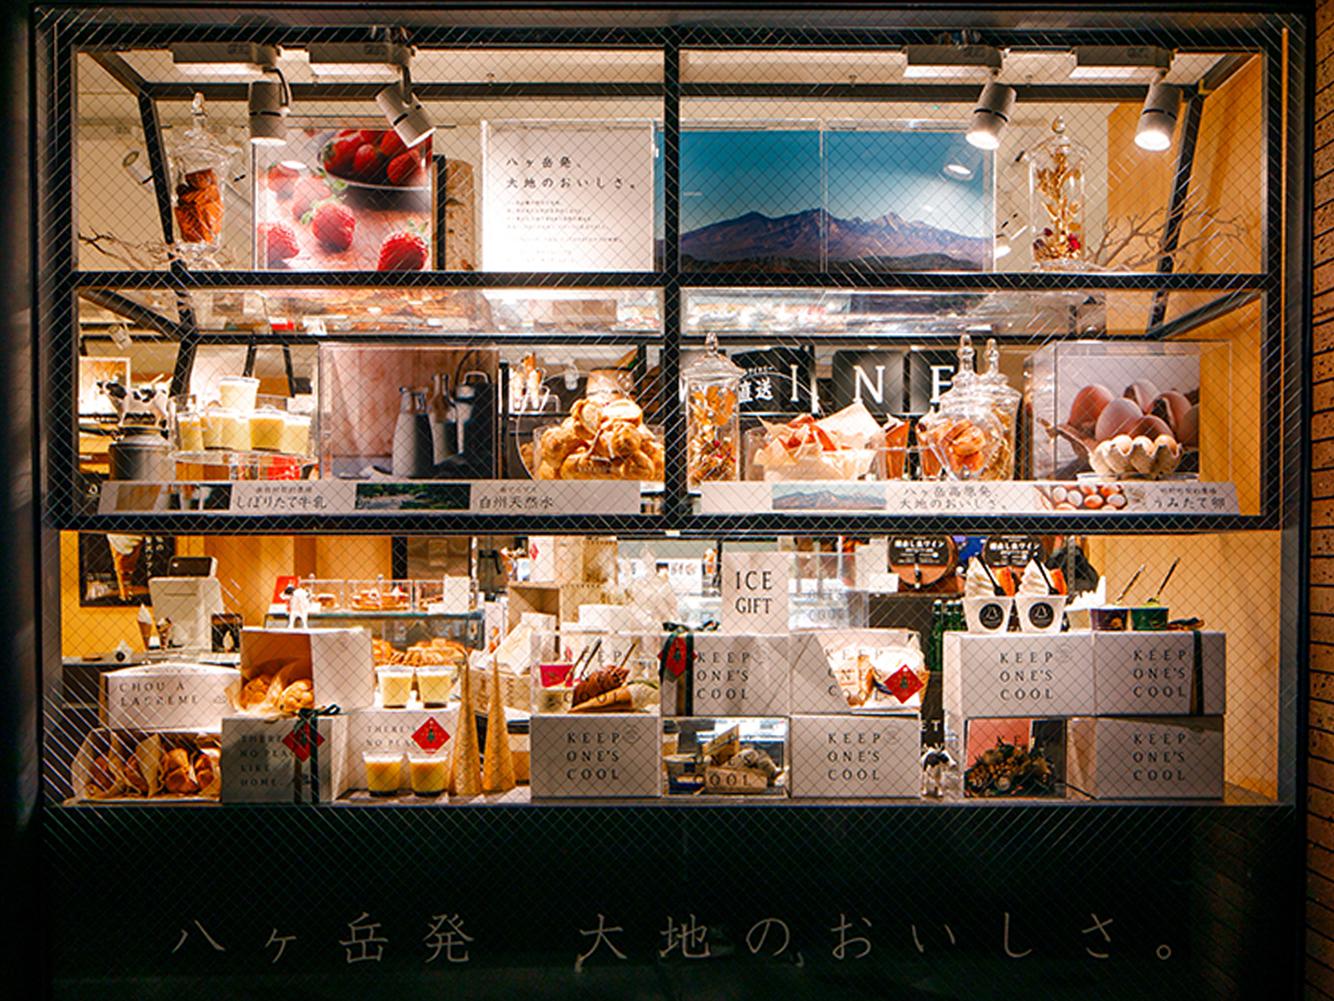 シャトレーゼ都心型新ブランド「YATSUDOKI(ヤツドキ)」表参道店の外観画像